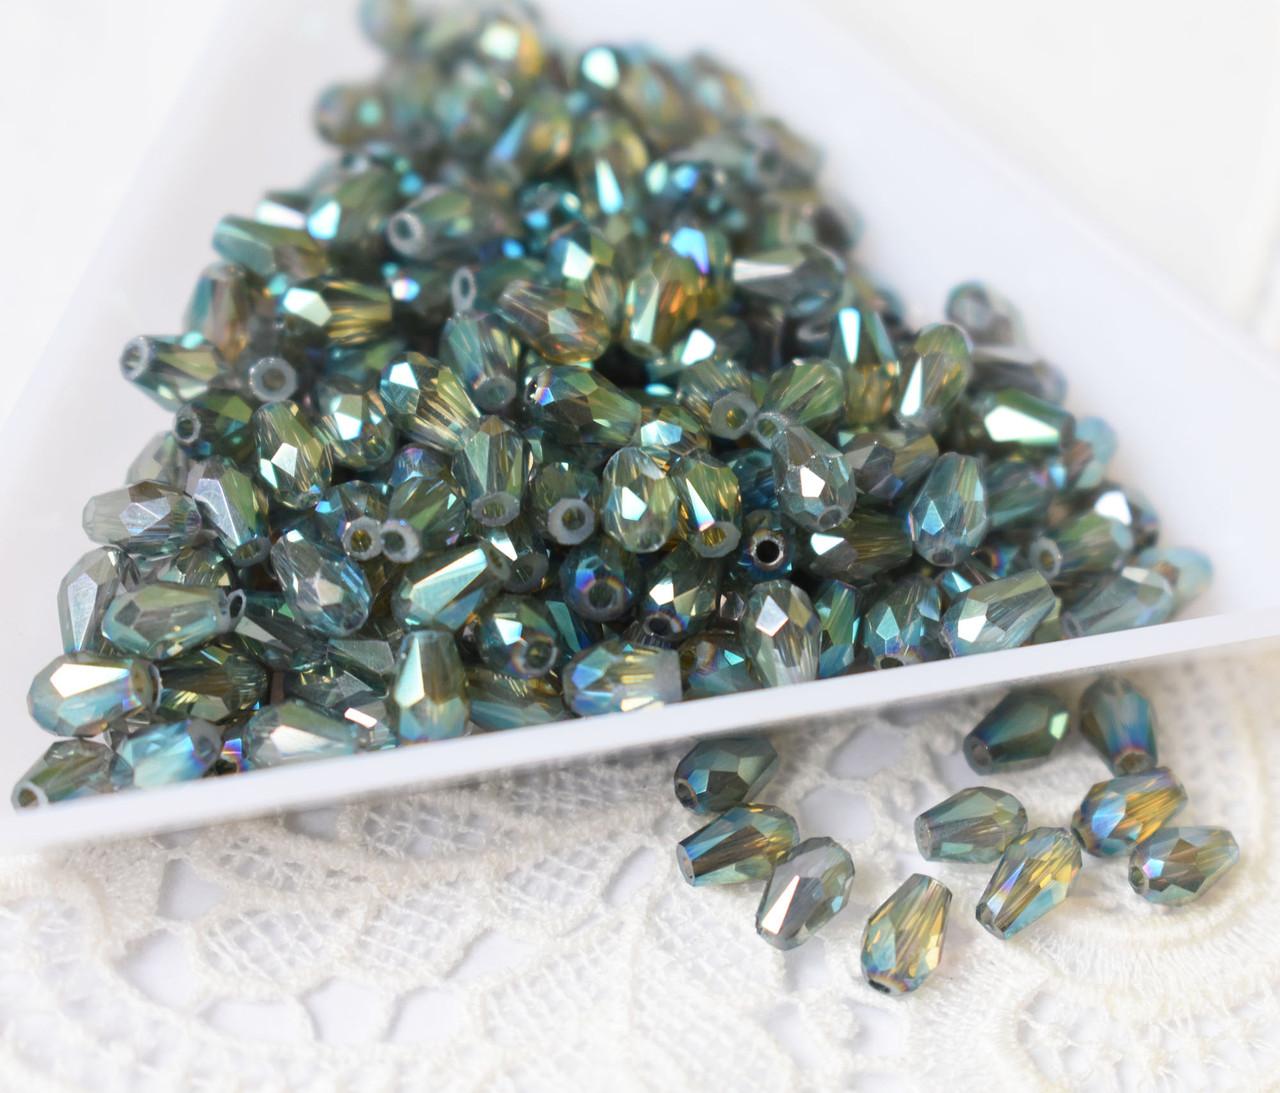 Намистина Крапля 5х3мм, 20 шт, скло, сіро-зелено-блакитний